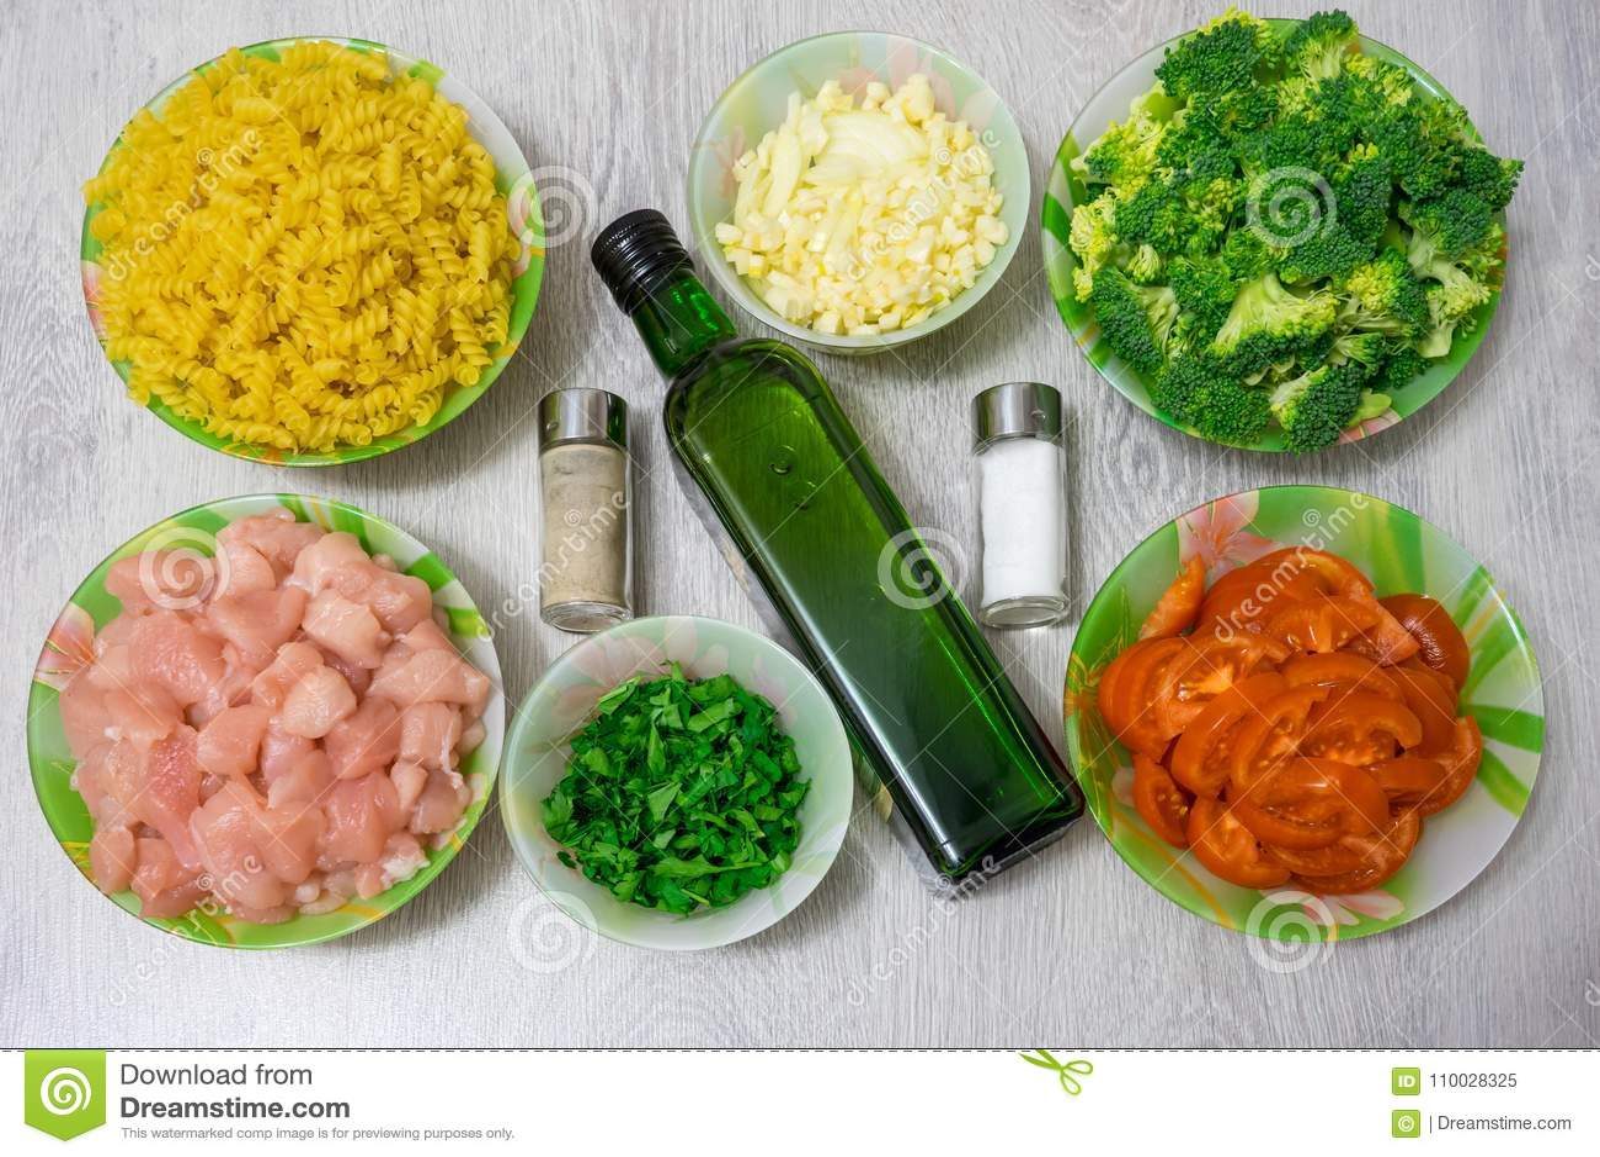 Ingrediënten voor het koken van deegwaren met kip en broccoli